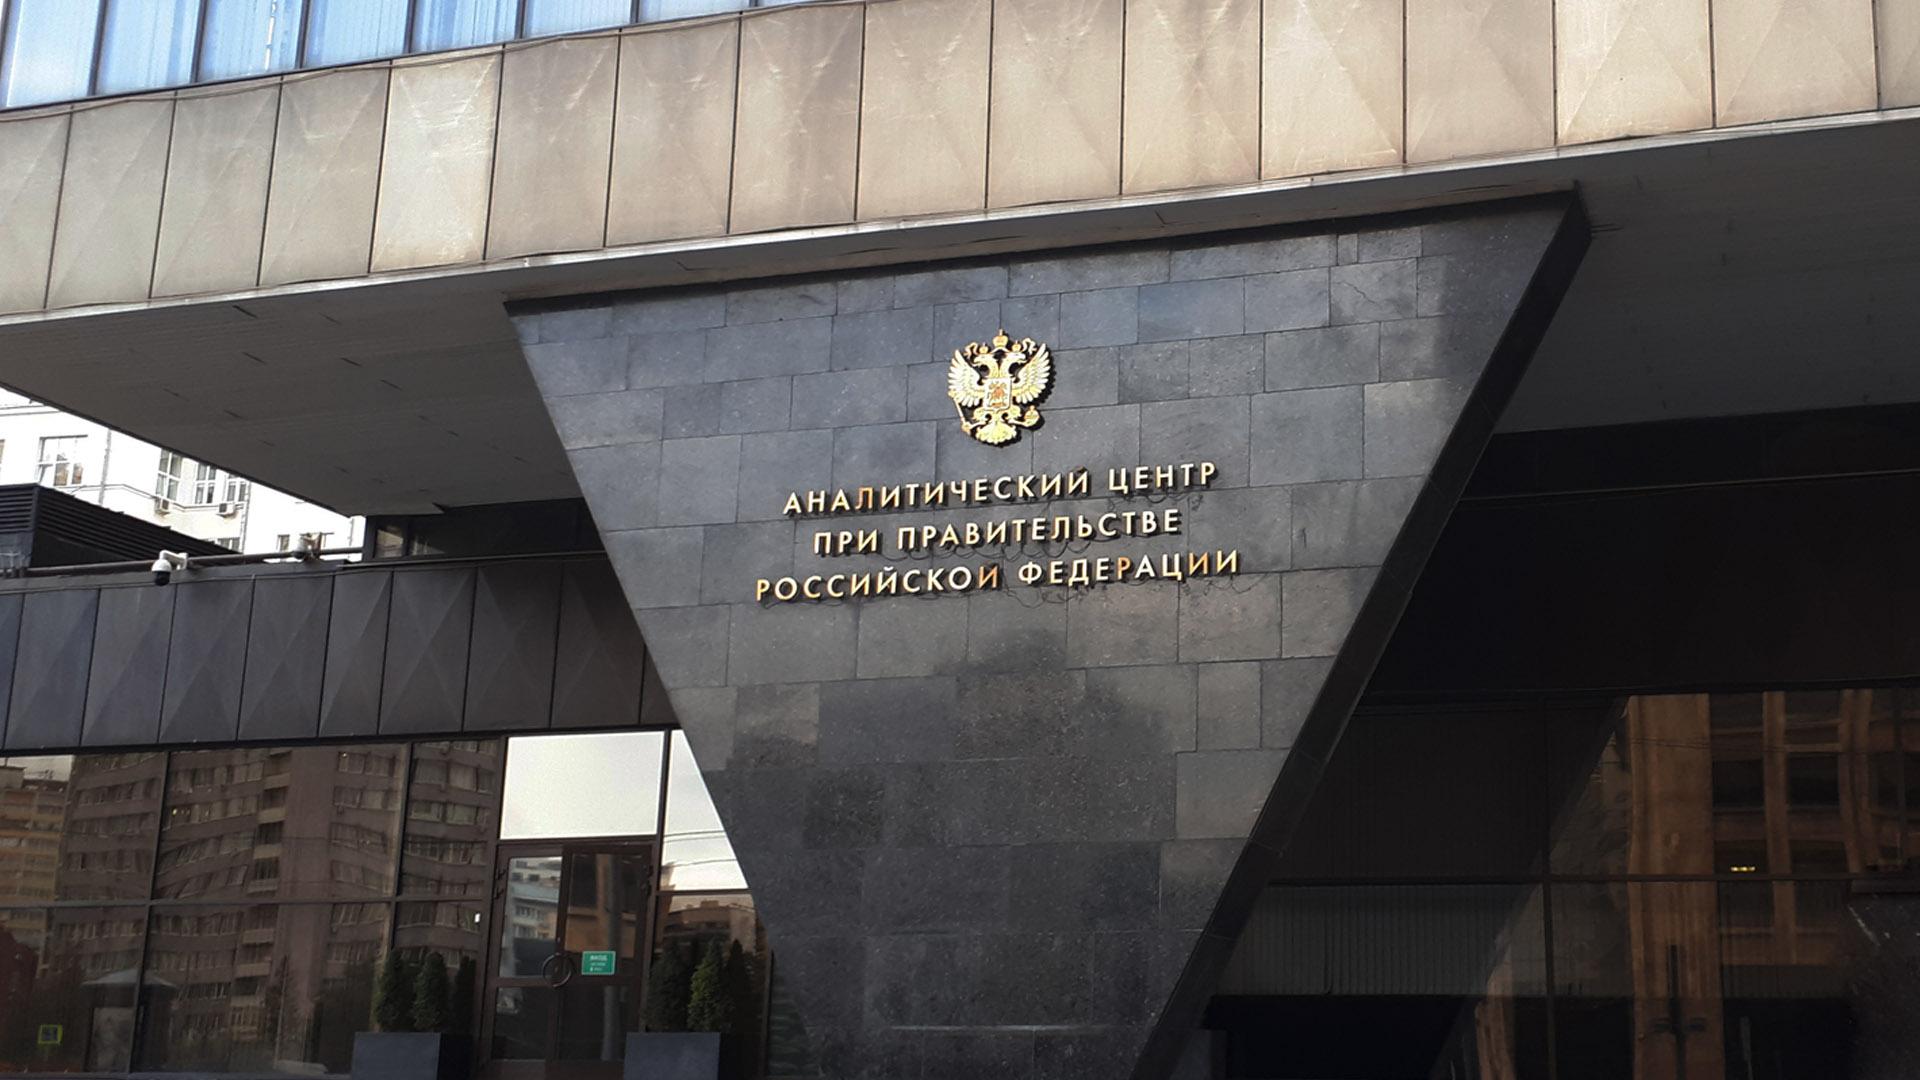 В Аналитическом центре при Правительстве РФ прошел круглый стол по онлайн-кассам